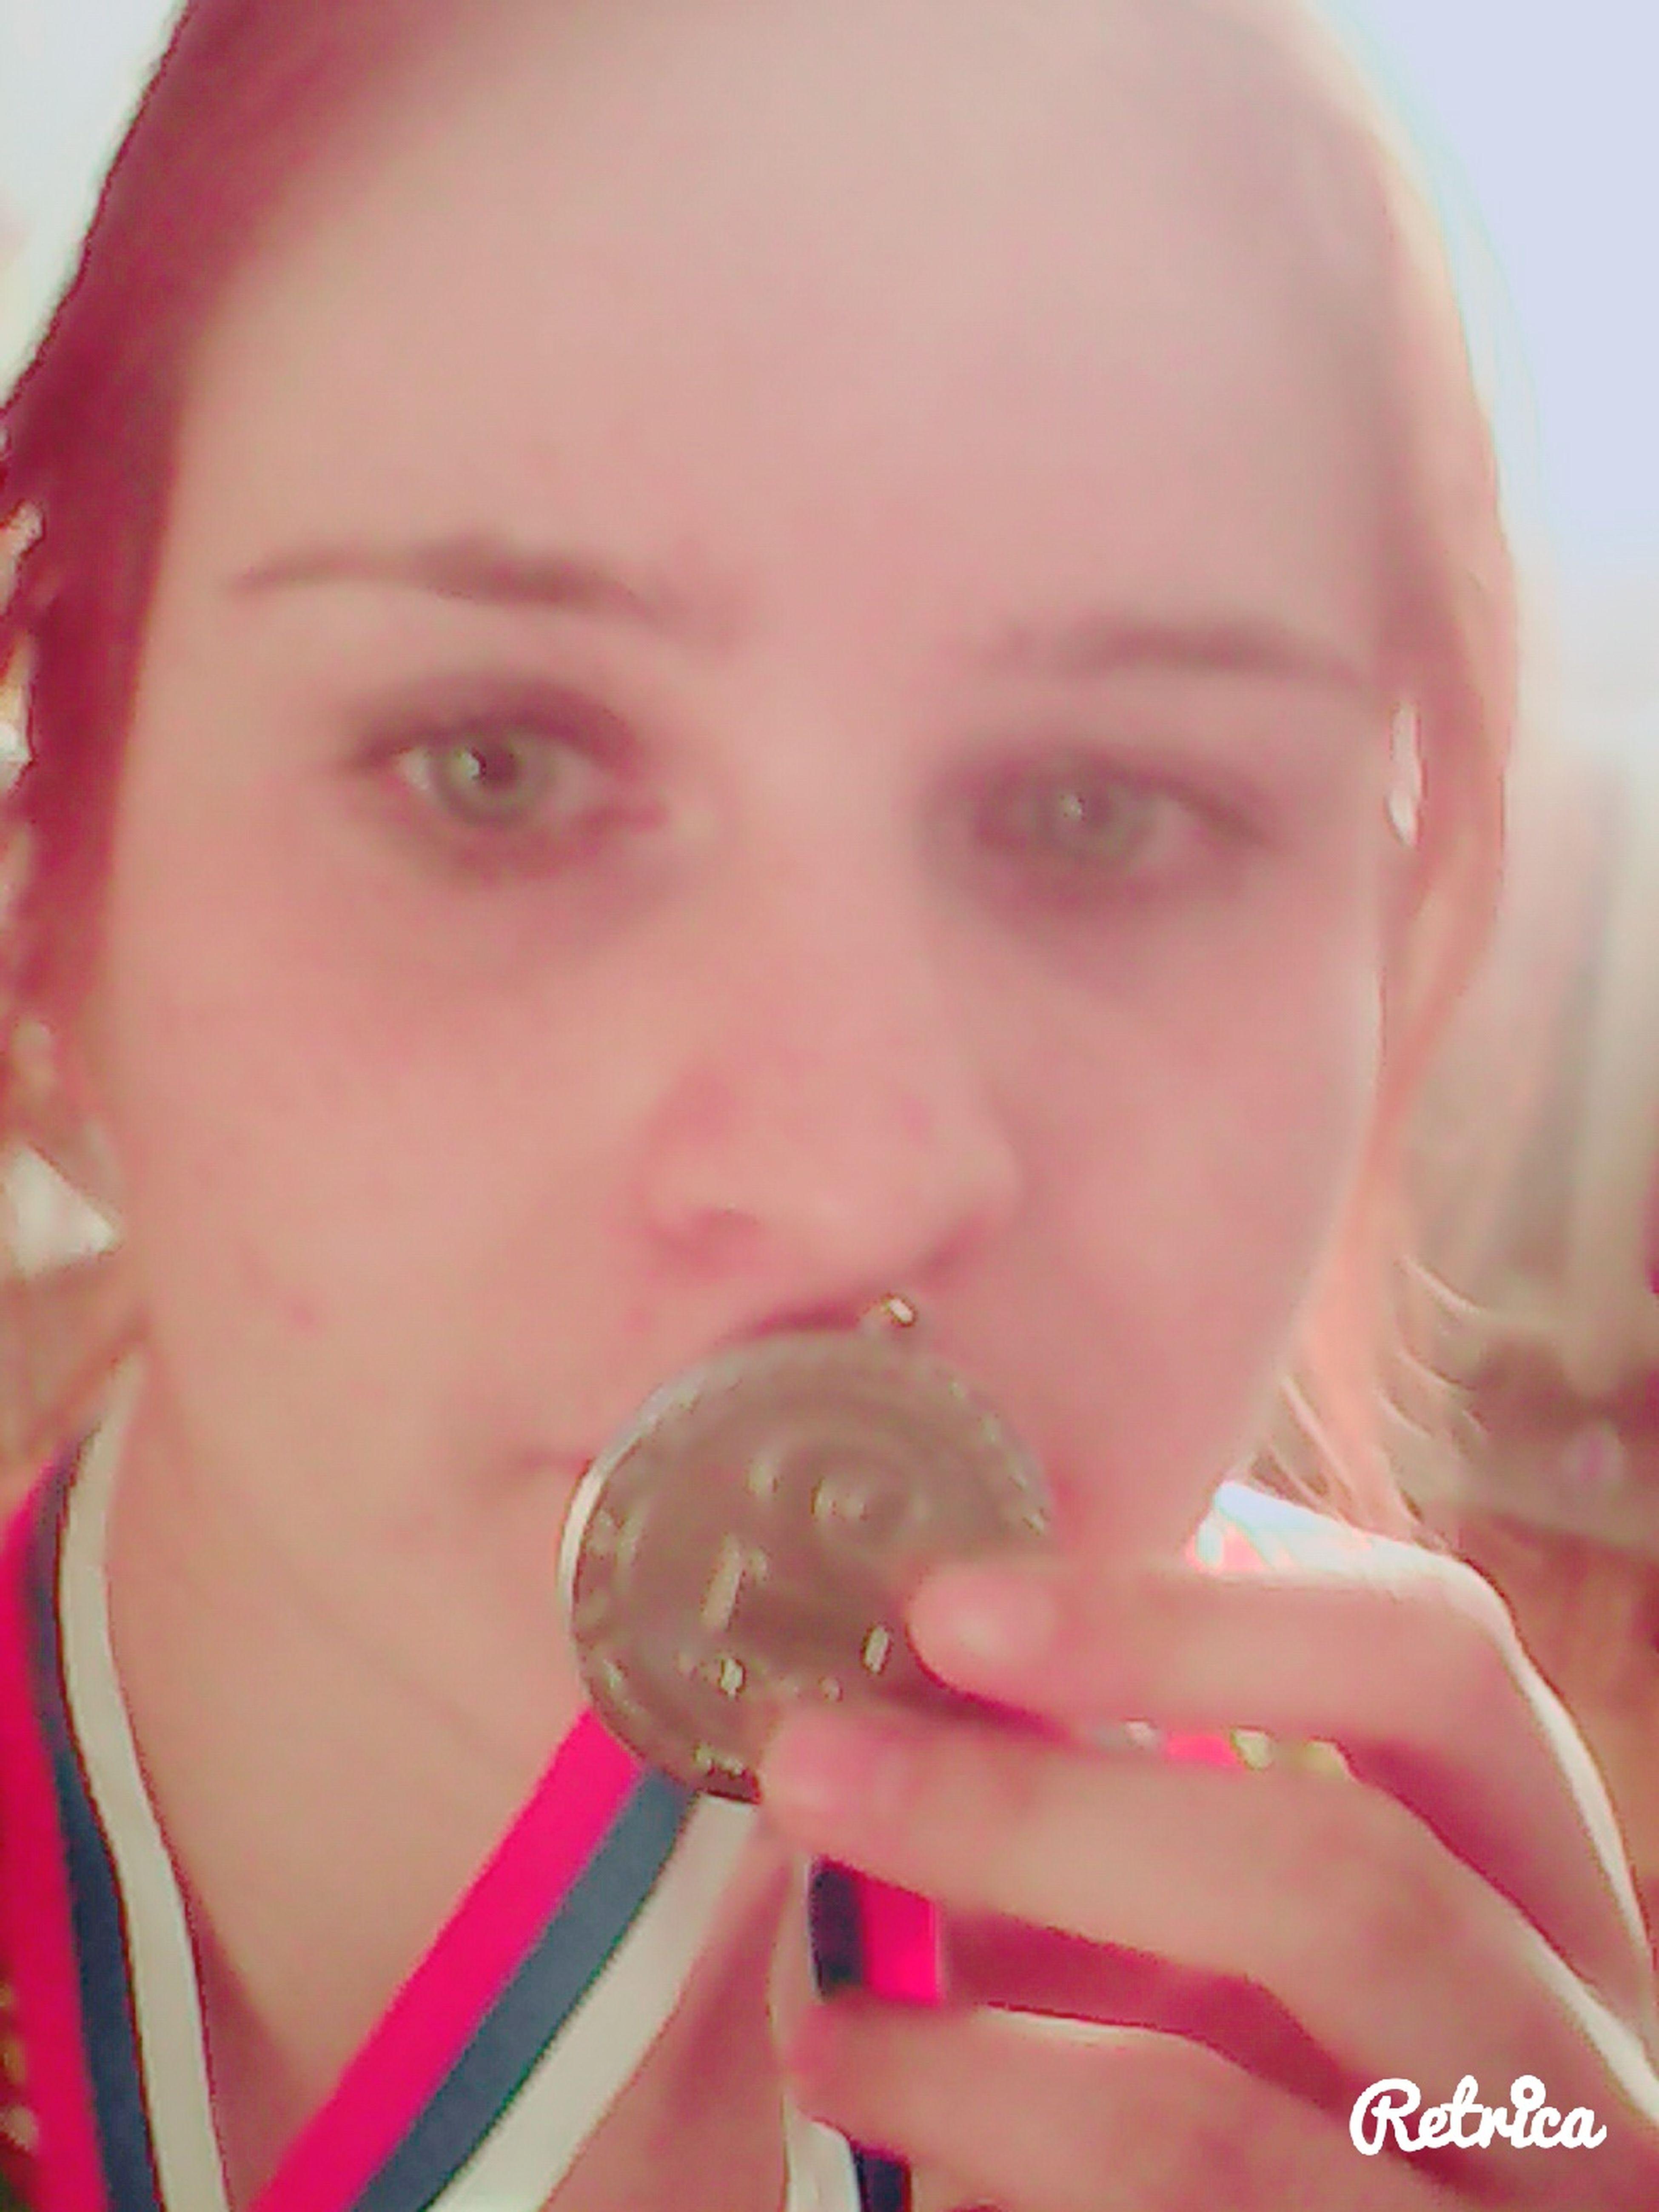 медалька первая в жизни Я счастлива Усолье-Сибирское